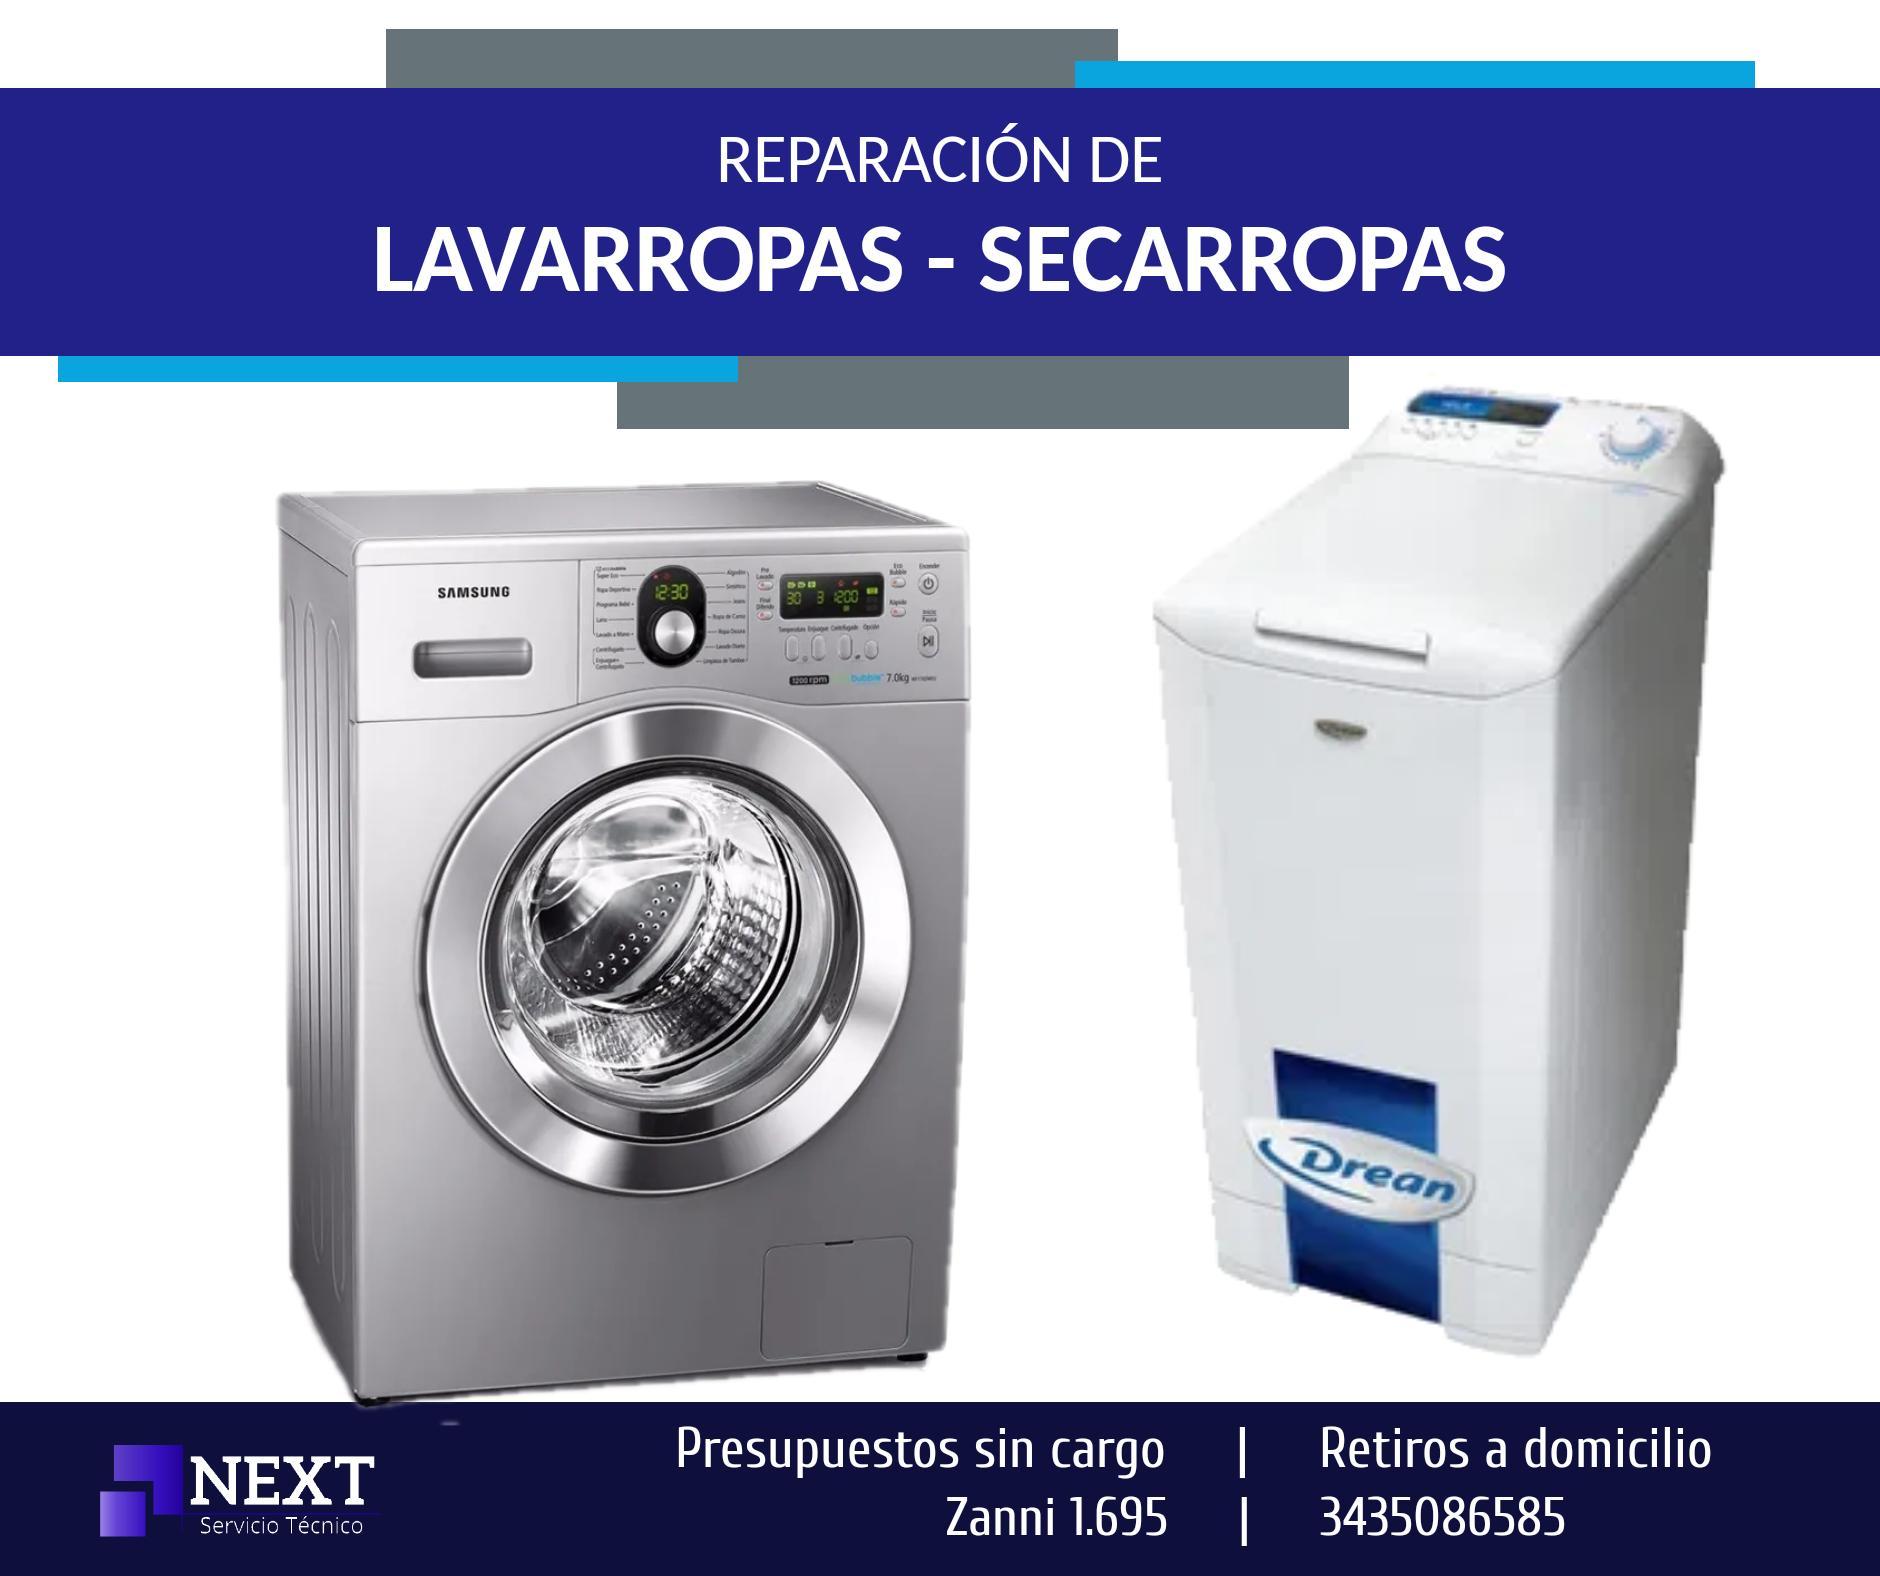 Reparación de LAVARROPAS,  SECARROPAS - Presupuestos sin cargo